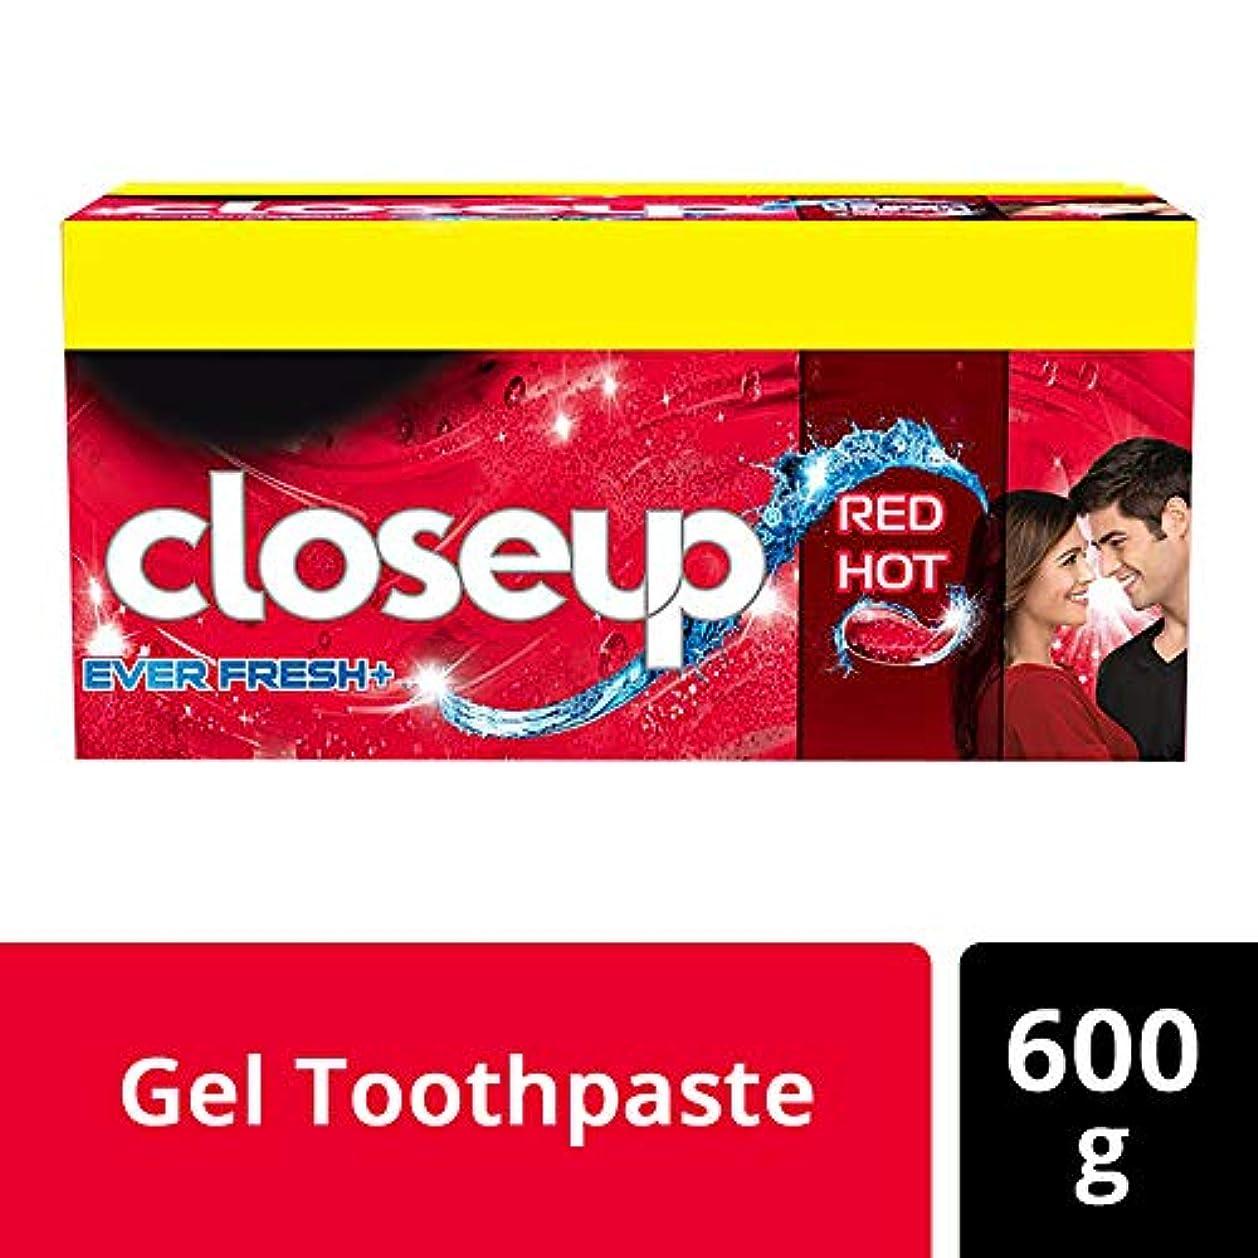 ヘビ隙間チューインガムCloseup Ever Fresh Red Hot Gel Toothpaste - 150 g (Buy 3 get 1)